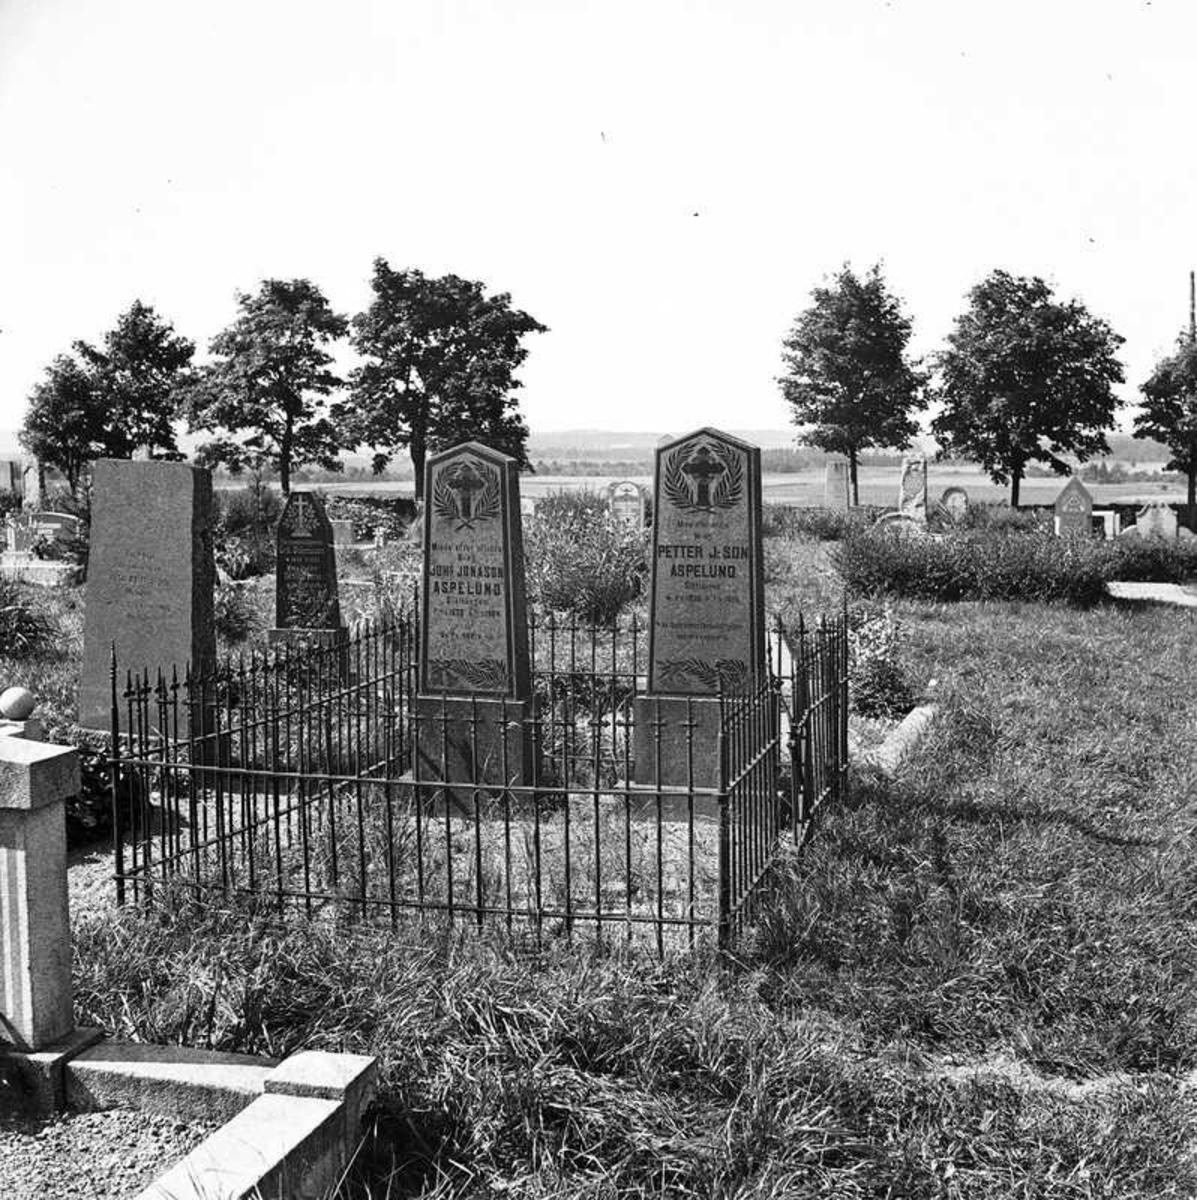 Järbo, Dalsland. Bröderna Petter J:son Aspelunds och Johannes Jonason Aspelunds gravar på socknens kyrkogård. 6 Aug 1944.